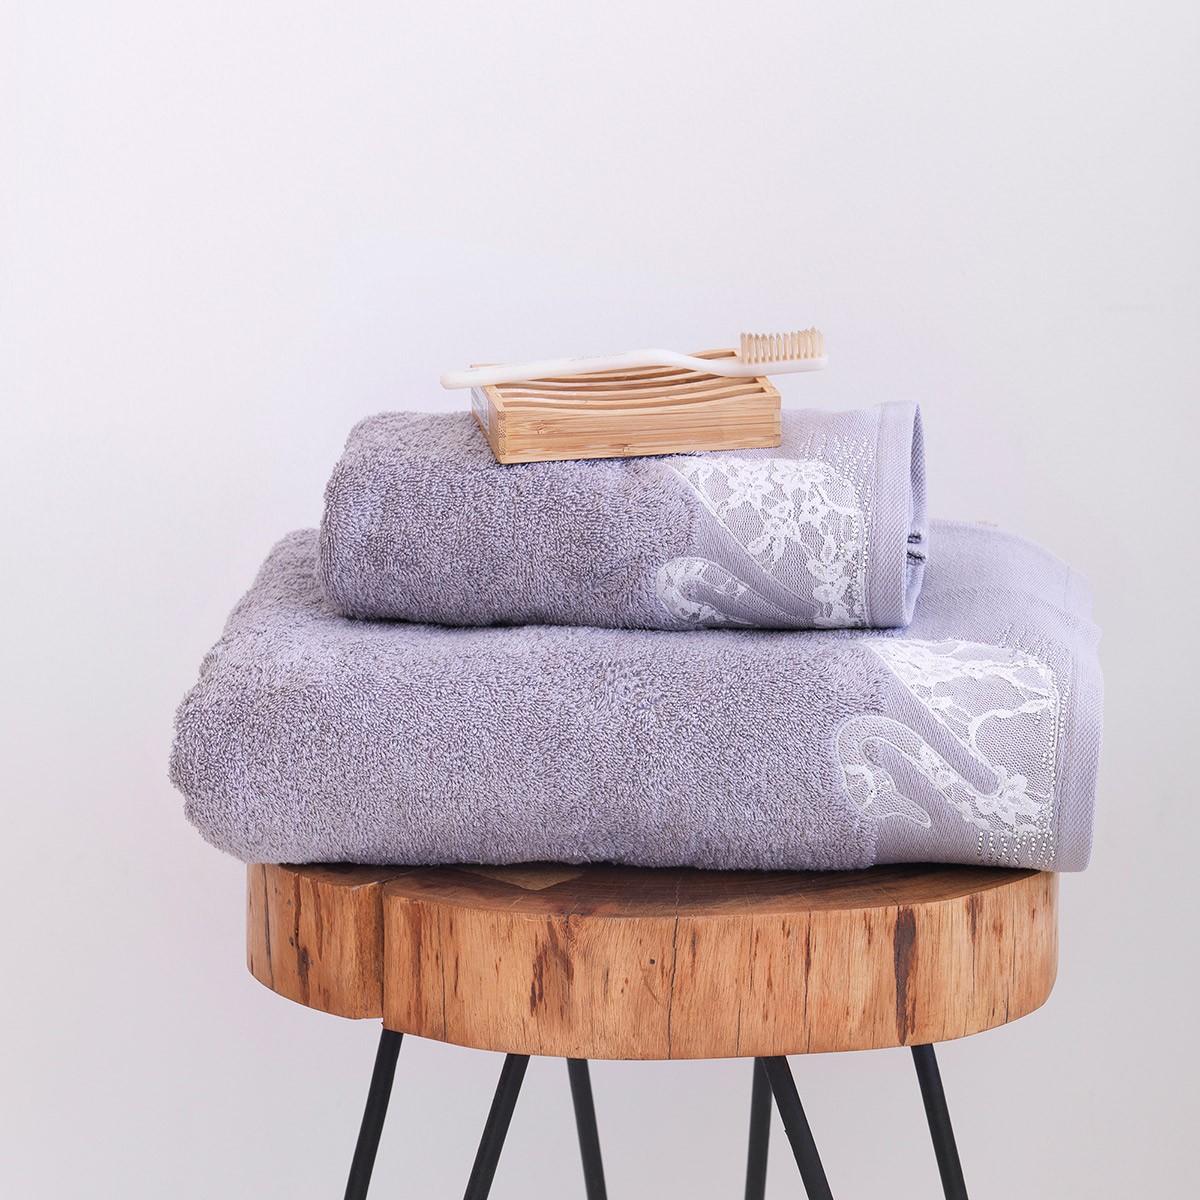 Πετσέτες Μπάνιου (Σετ 2τμχ) Sb Home Swan Silver